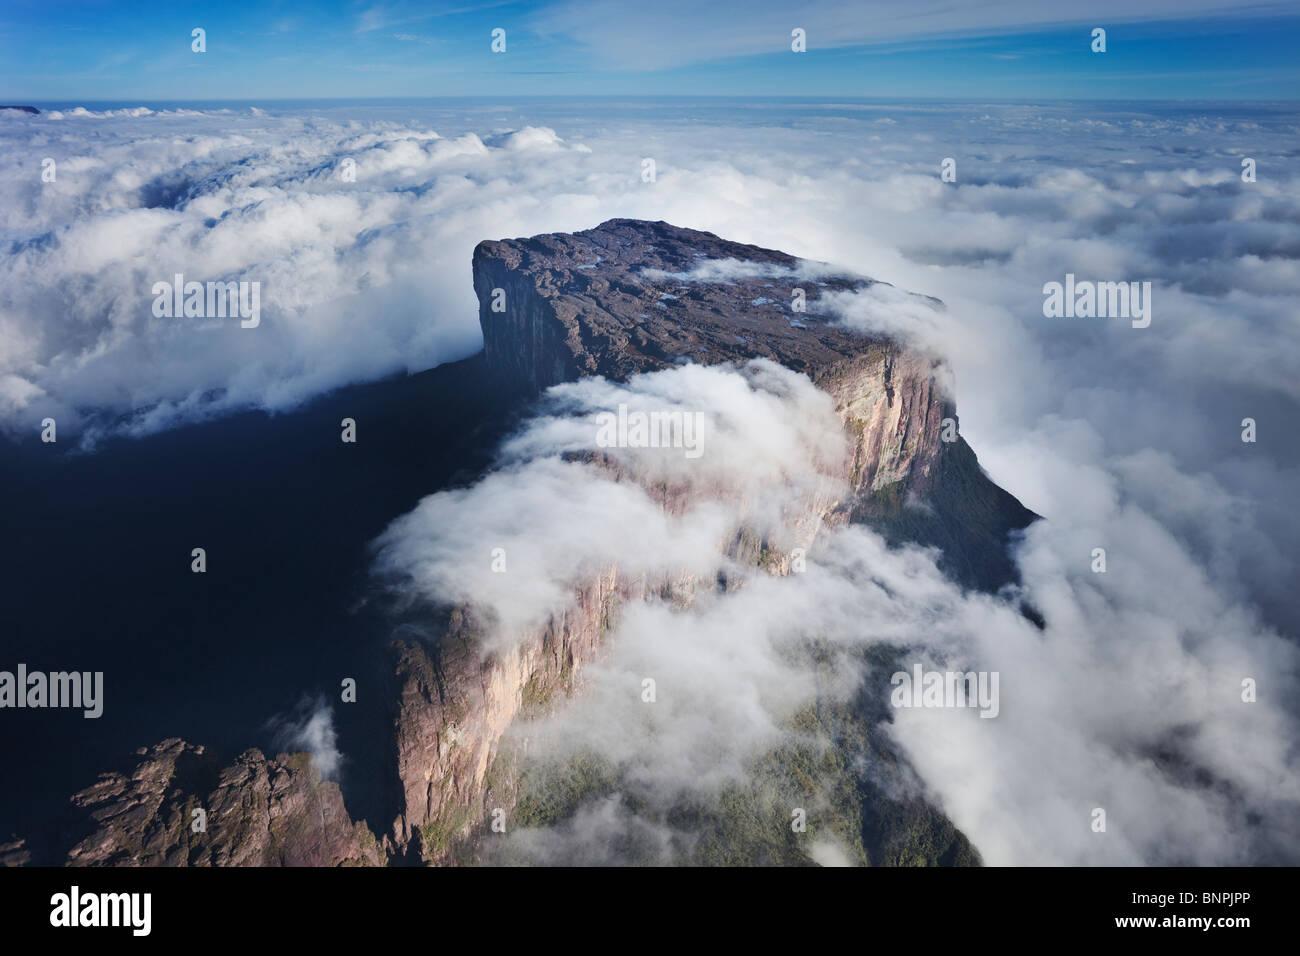 Vue aérienne Le Roraima est le plus haut atteint 2810 mètres tepui dans l'altitude. Dessus plat couvert Photo Stock